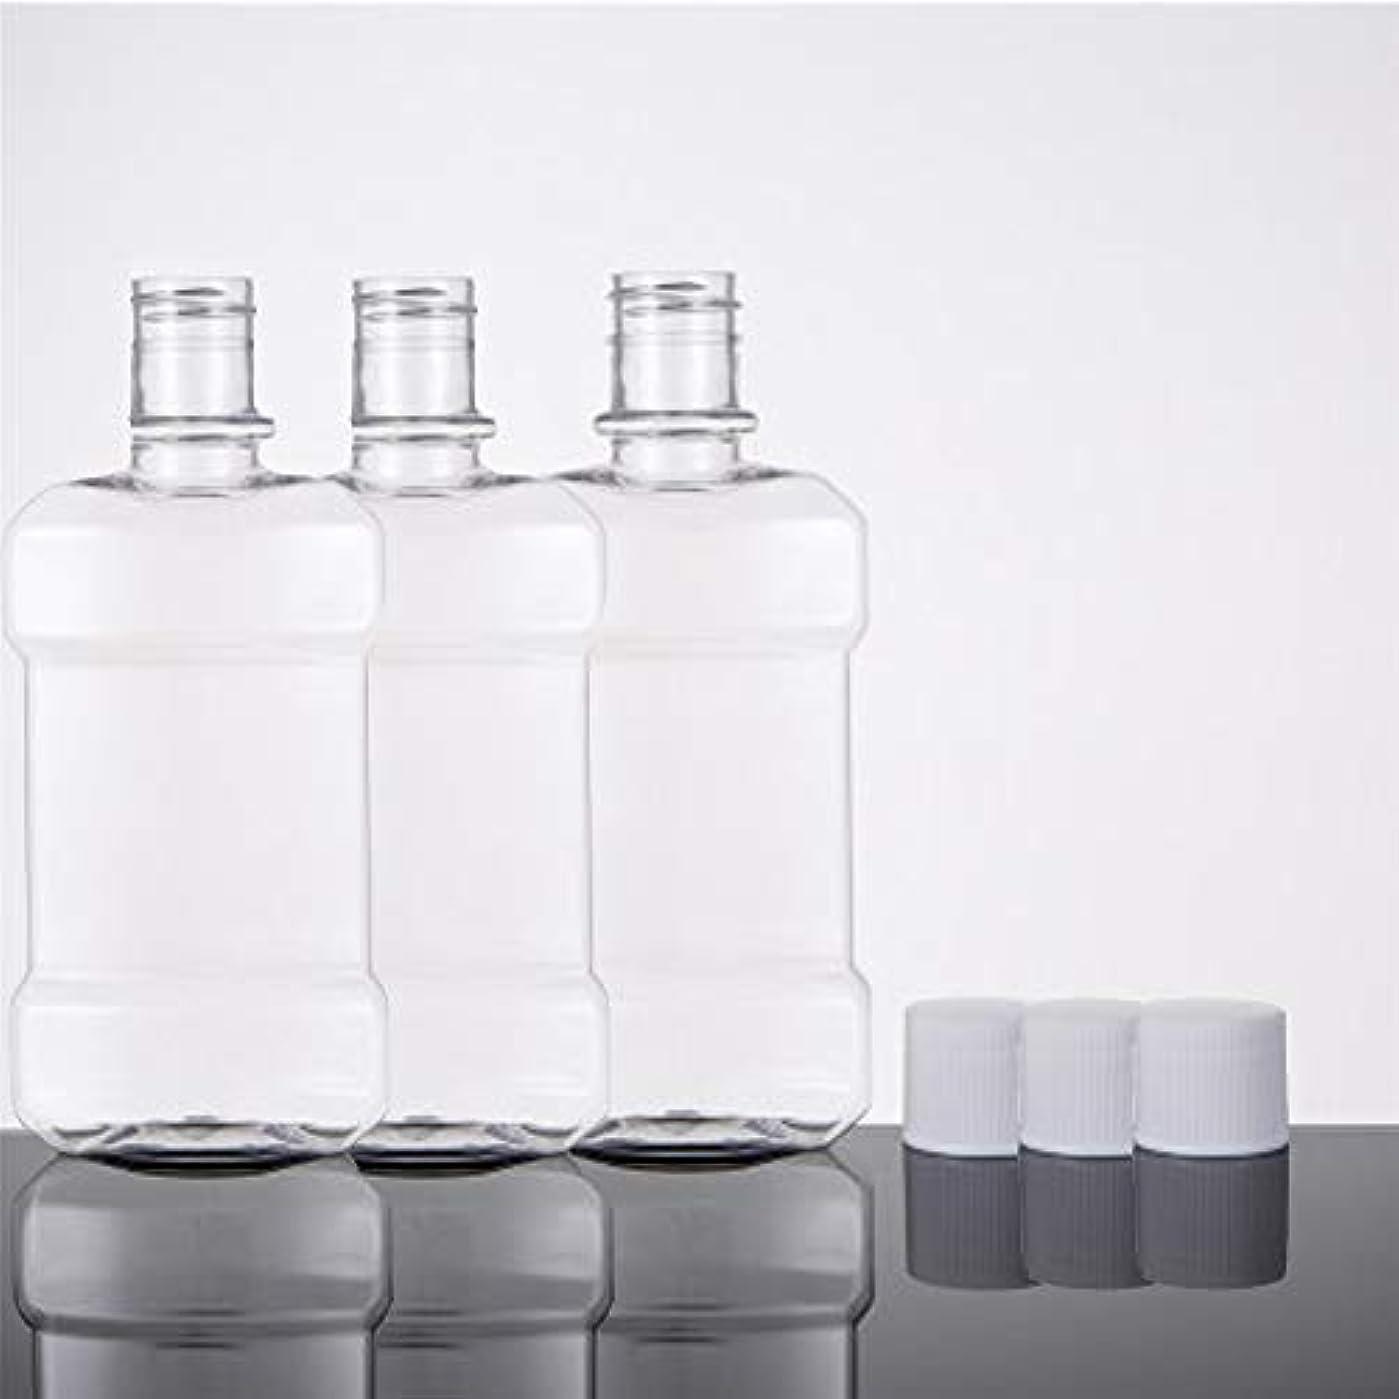 タックルシャイニングスノーケルSHKI マウスウォッシュ専用詰め替えボトル 250ml*3個 空ボトル 3個セット 持ち運び便利